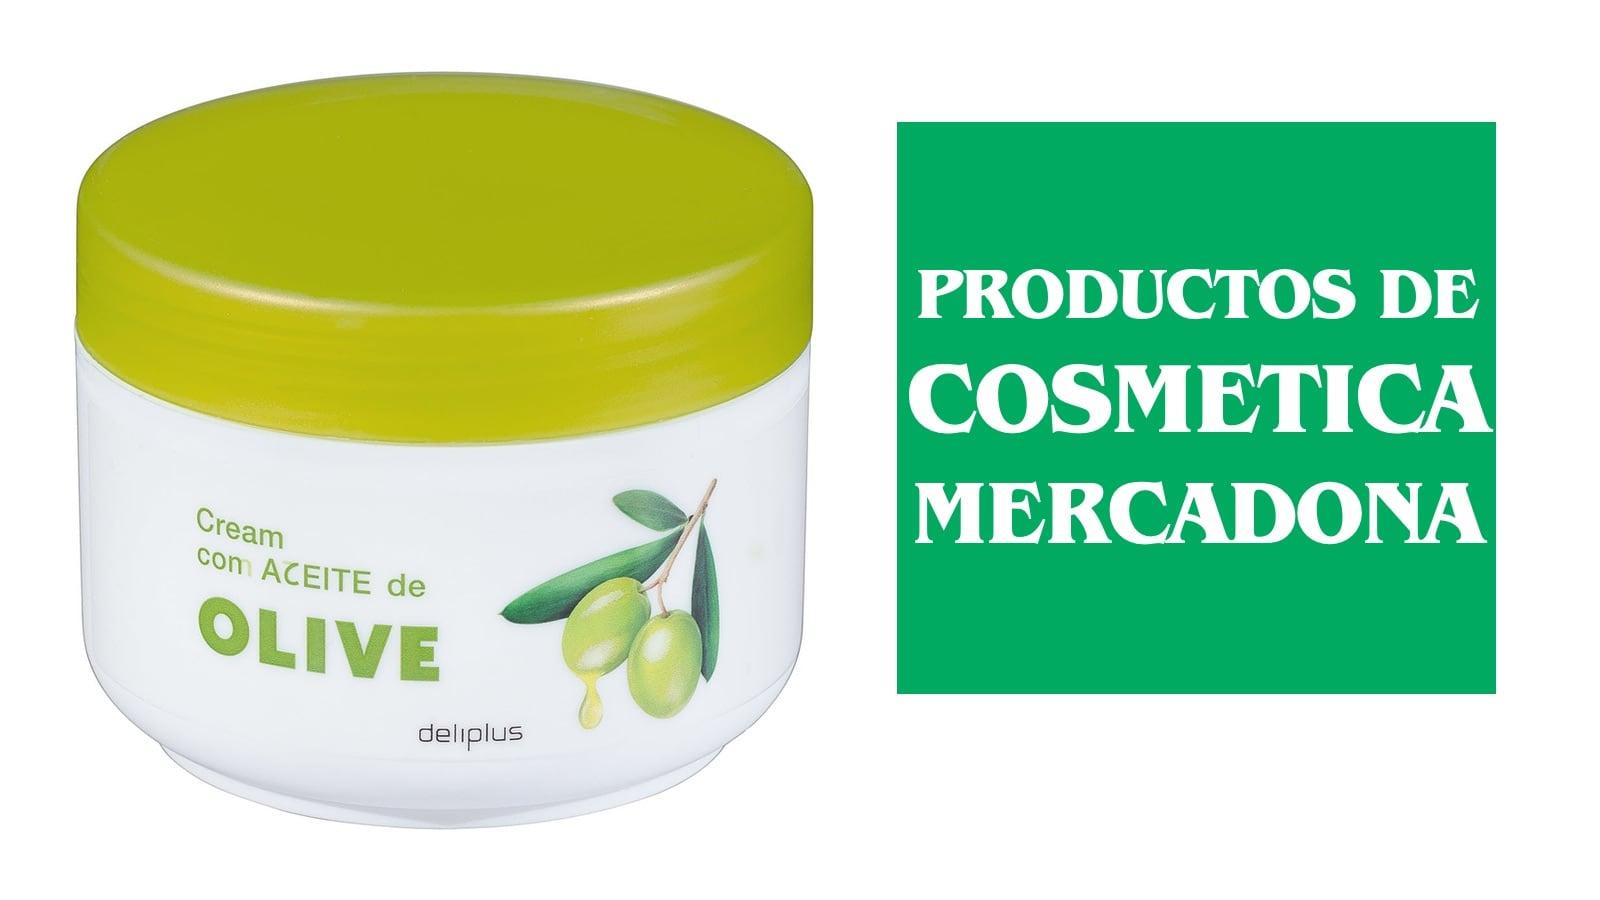 Productos de cosmética del Mercadona